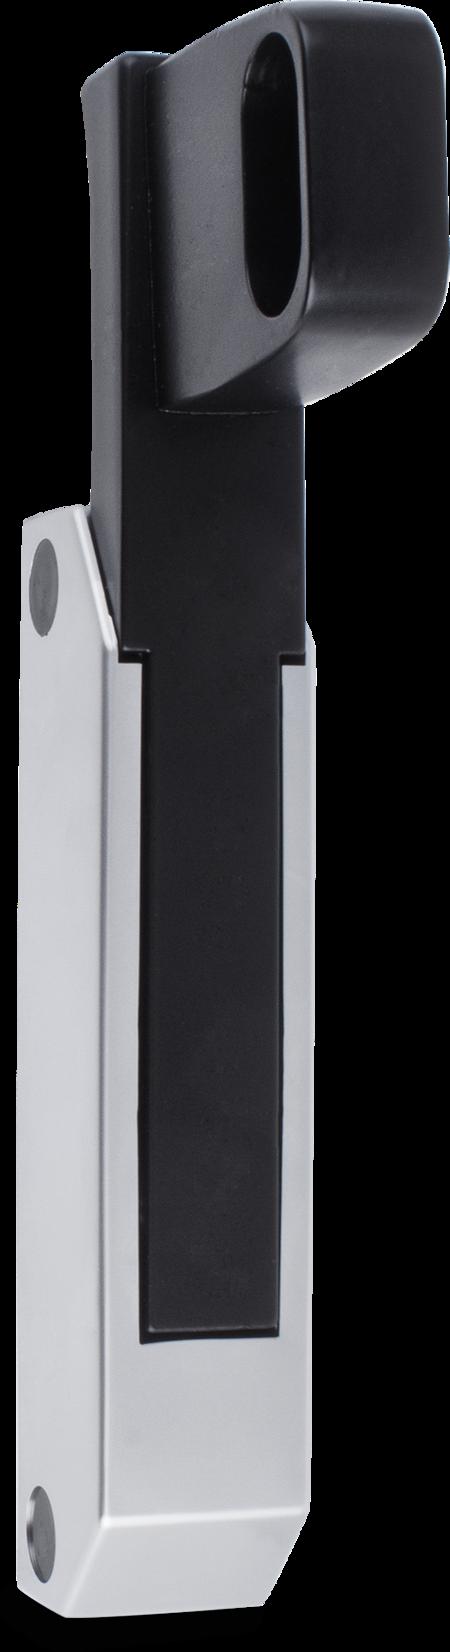 Schubladenverschluss Zink-Druckguss, EPS beschichtet schwarz RAL 9005, Kappe Kunststoff, matt verchromt, ohne Zylinder, seitliche Montage, Höhe Halterung 49 mm, Griff verlängert